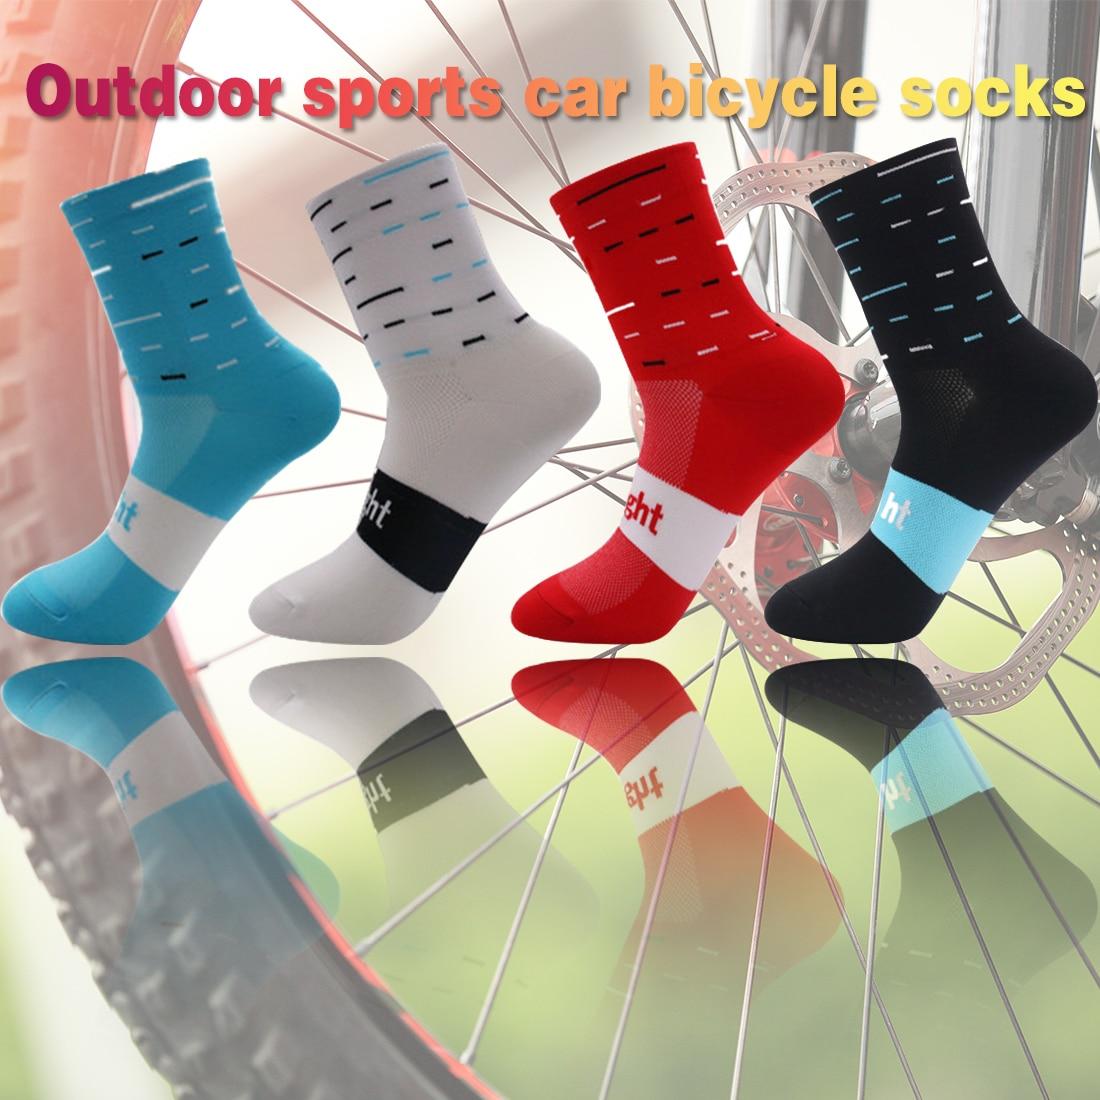 Sport & Unterhaltung Unisex Professionelle Bashetball Socken Sport Socken Breathable Straße Fahrrad Socken Outdoor Racing Radfahren Socken Calcetines Produkte Werden Ohne EinschräNkungen Verkauft Sport Zubehör